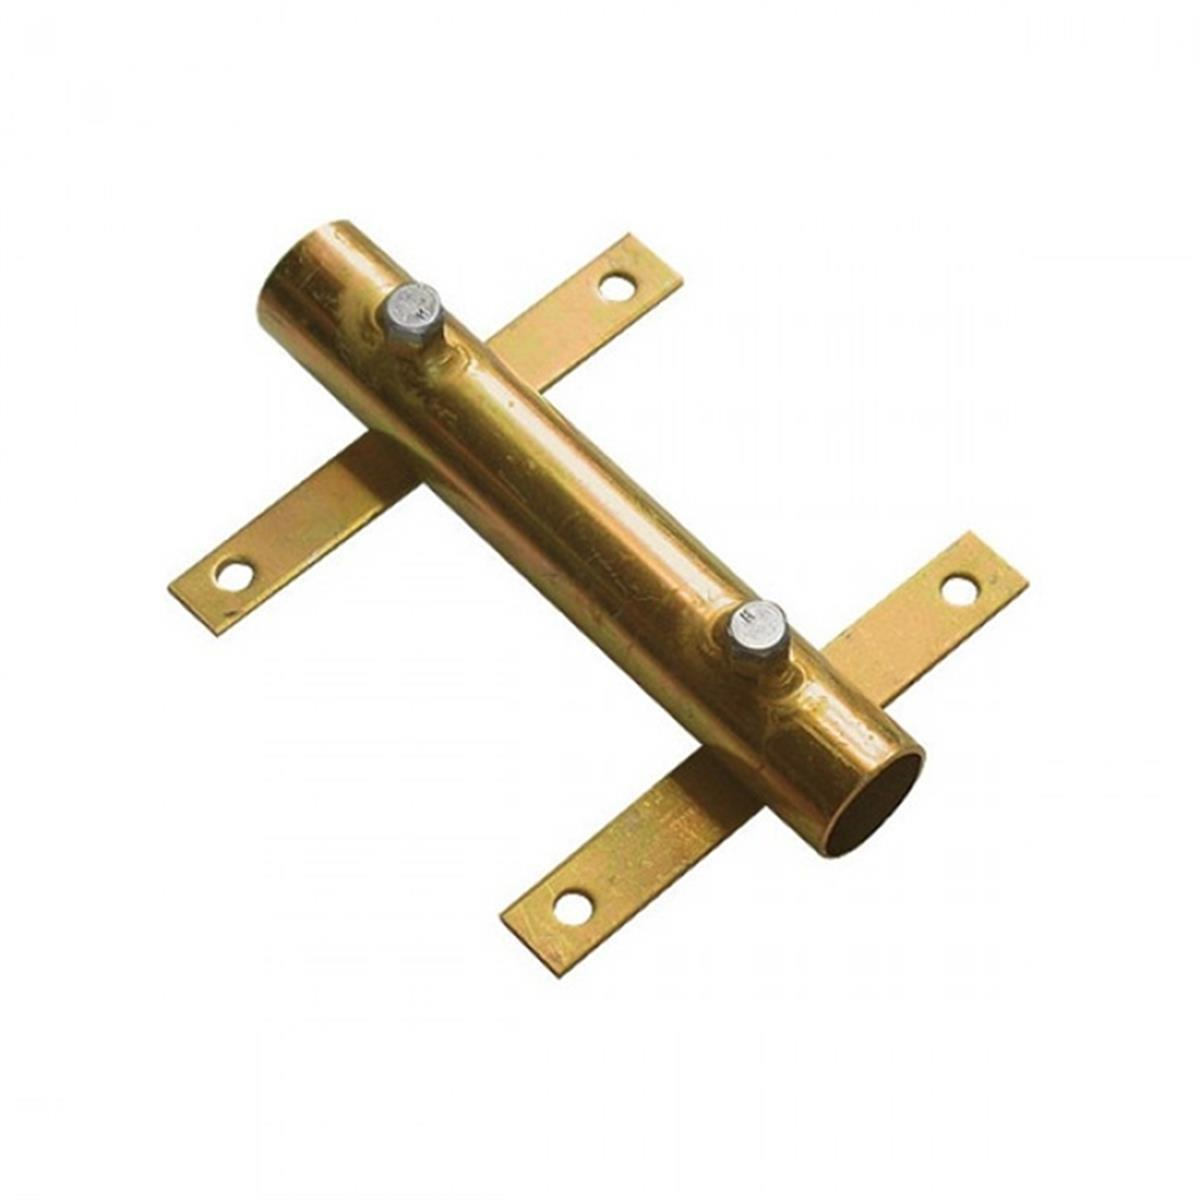 Suporte p/ tubo de pregar Antena tubo 3/4 polegadas 202A